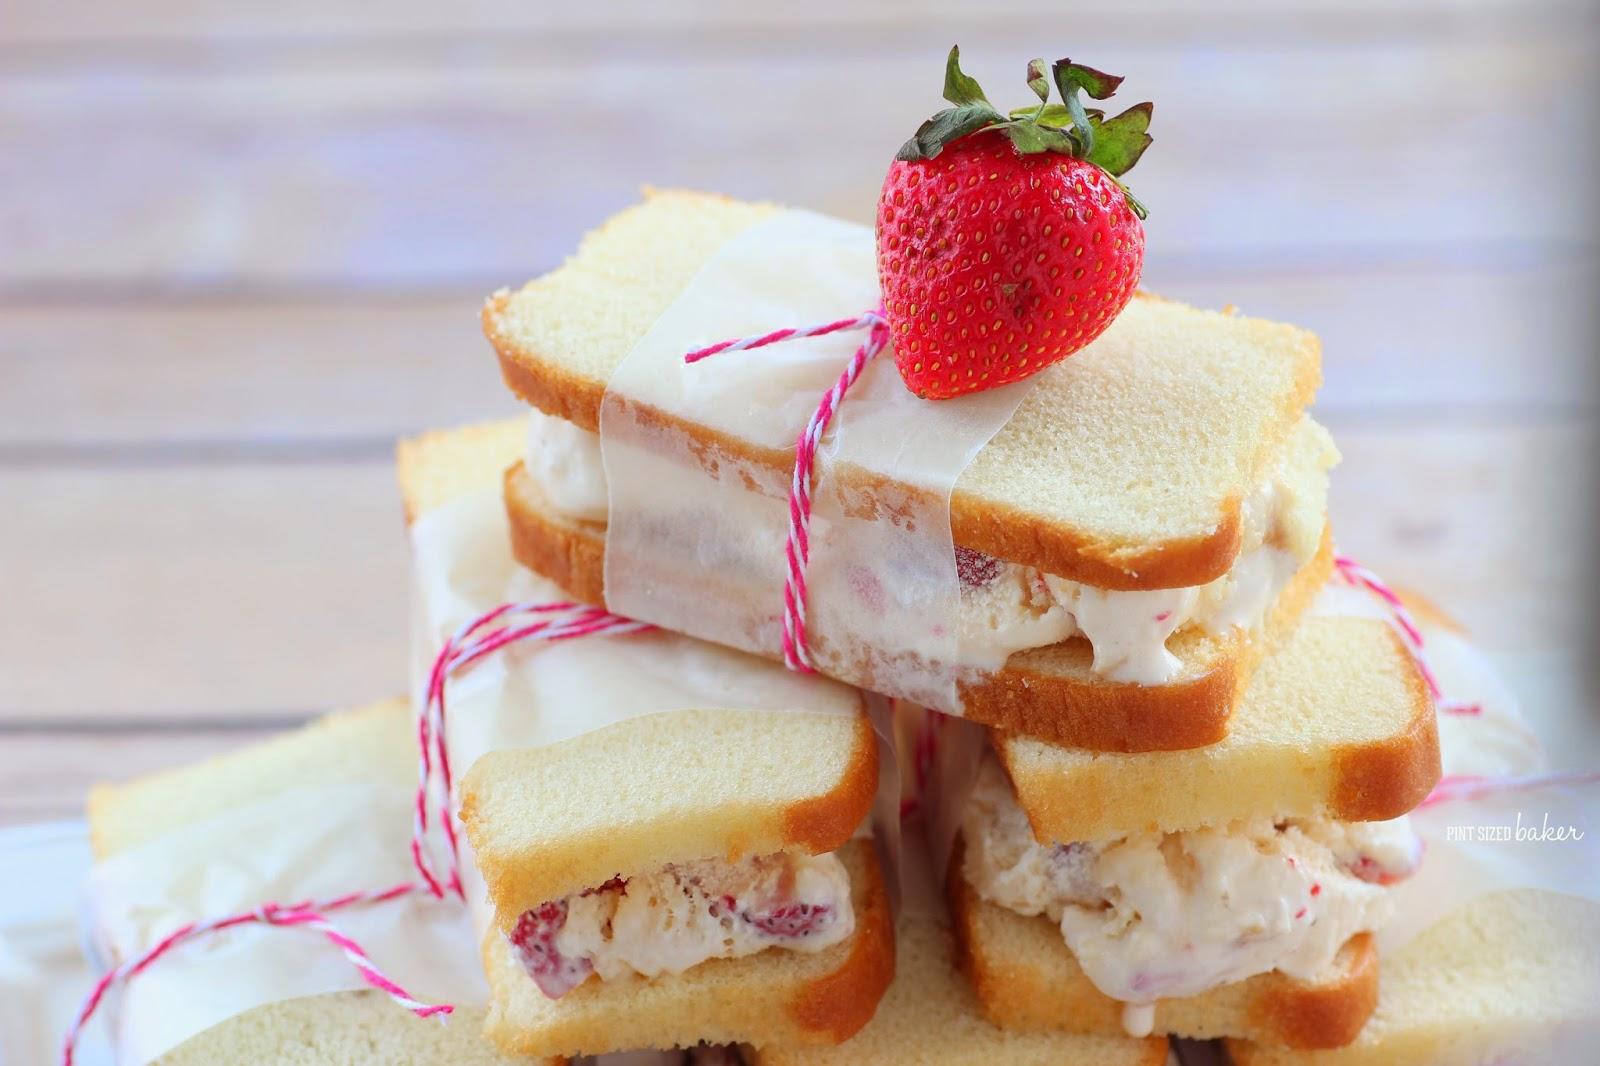 สตรอว์เบอร์รีชอตเค้กไอศกรีมแซนด์วิช – Strawberry Shortcake Ice Cream Sandwich